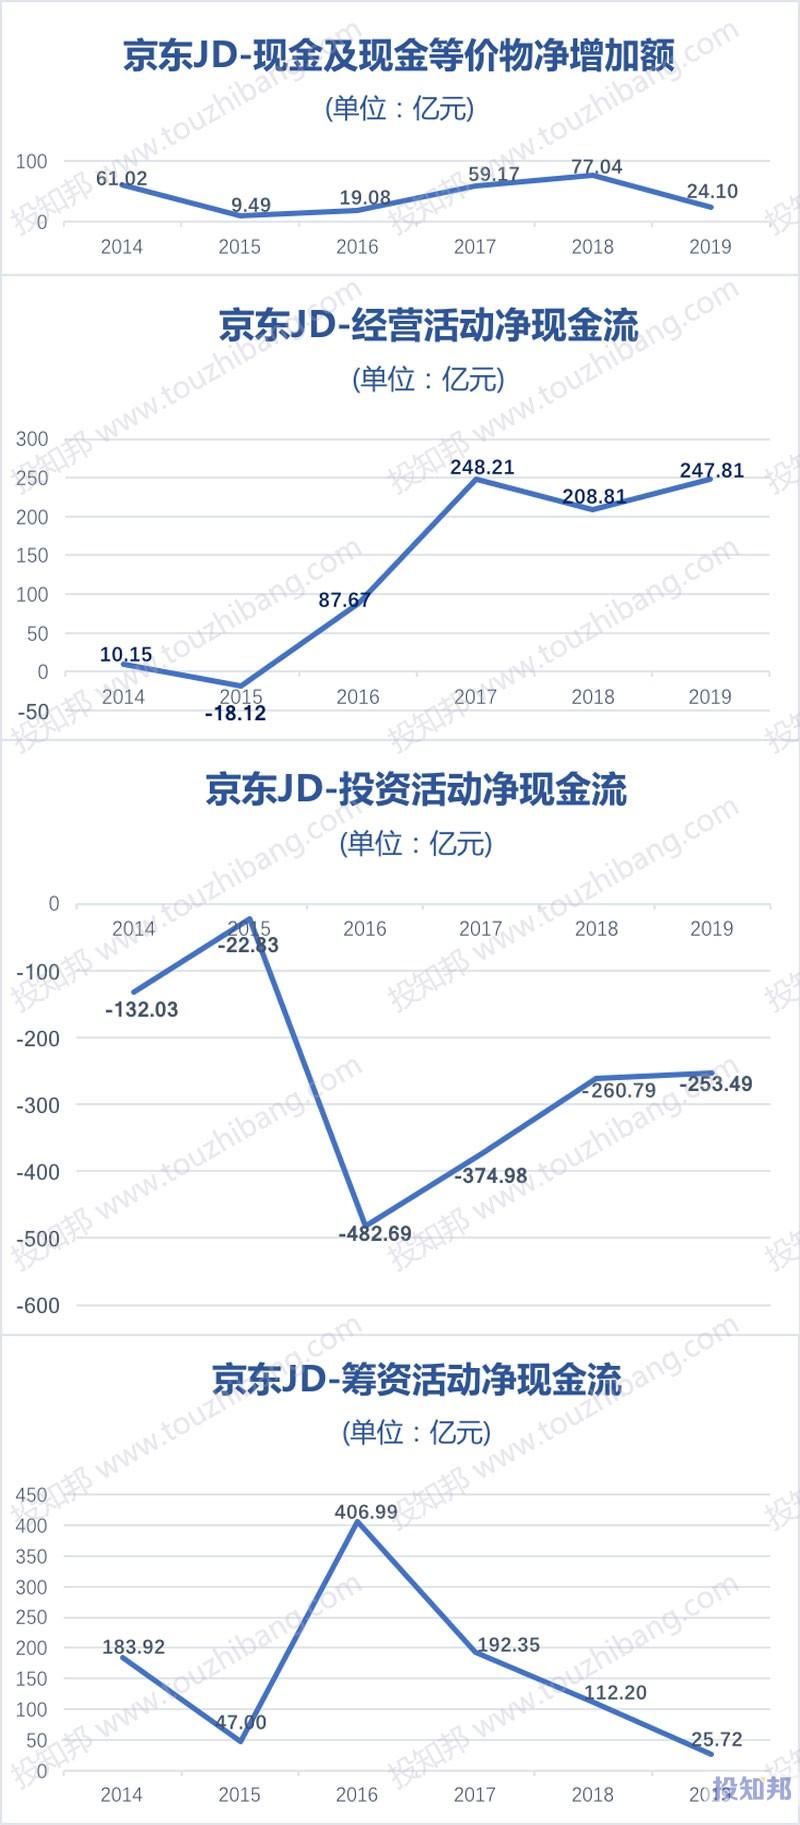 京东(JD)财报数据图示(2014~2020年Q3,更新)